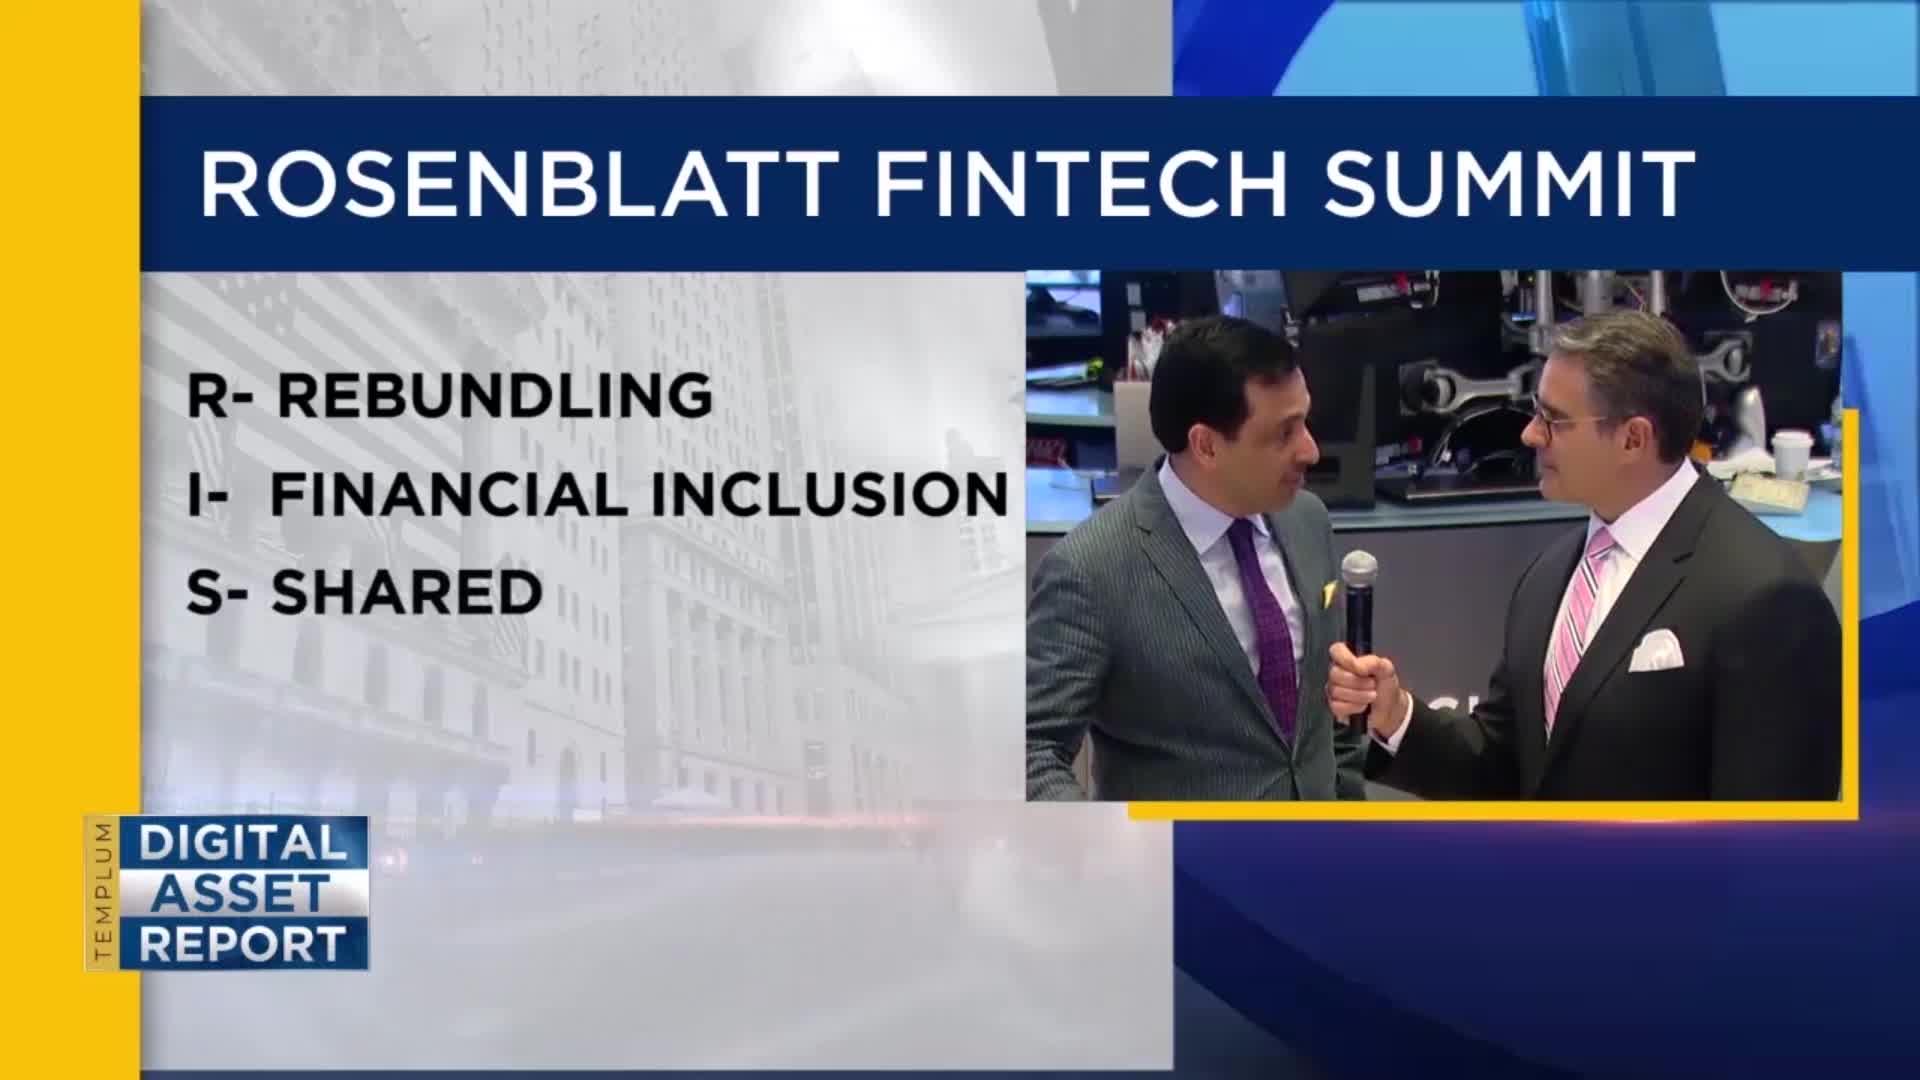 DUSHYANT_SHAHRAWAT_Previews_Rosenblatts_11th_Annual_FinTech_Summit.mp4